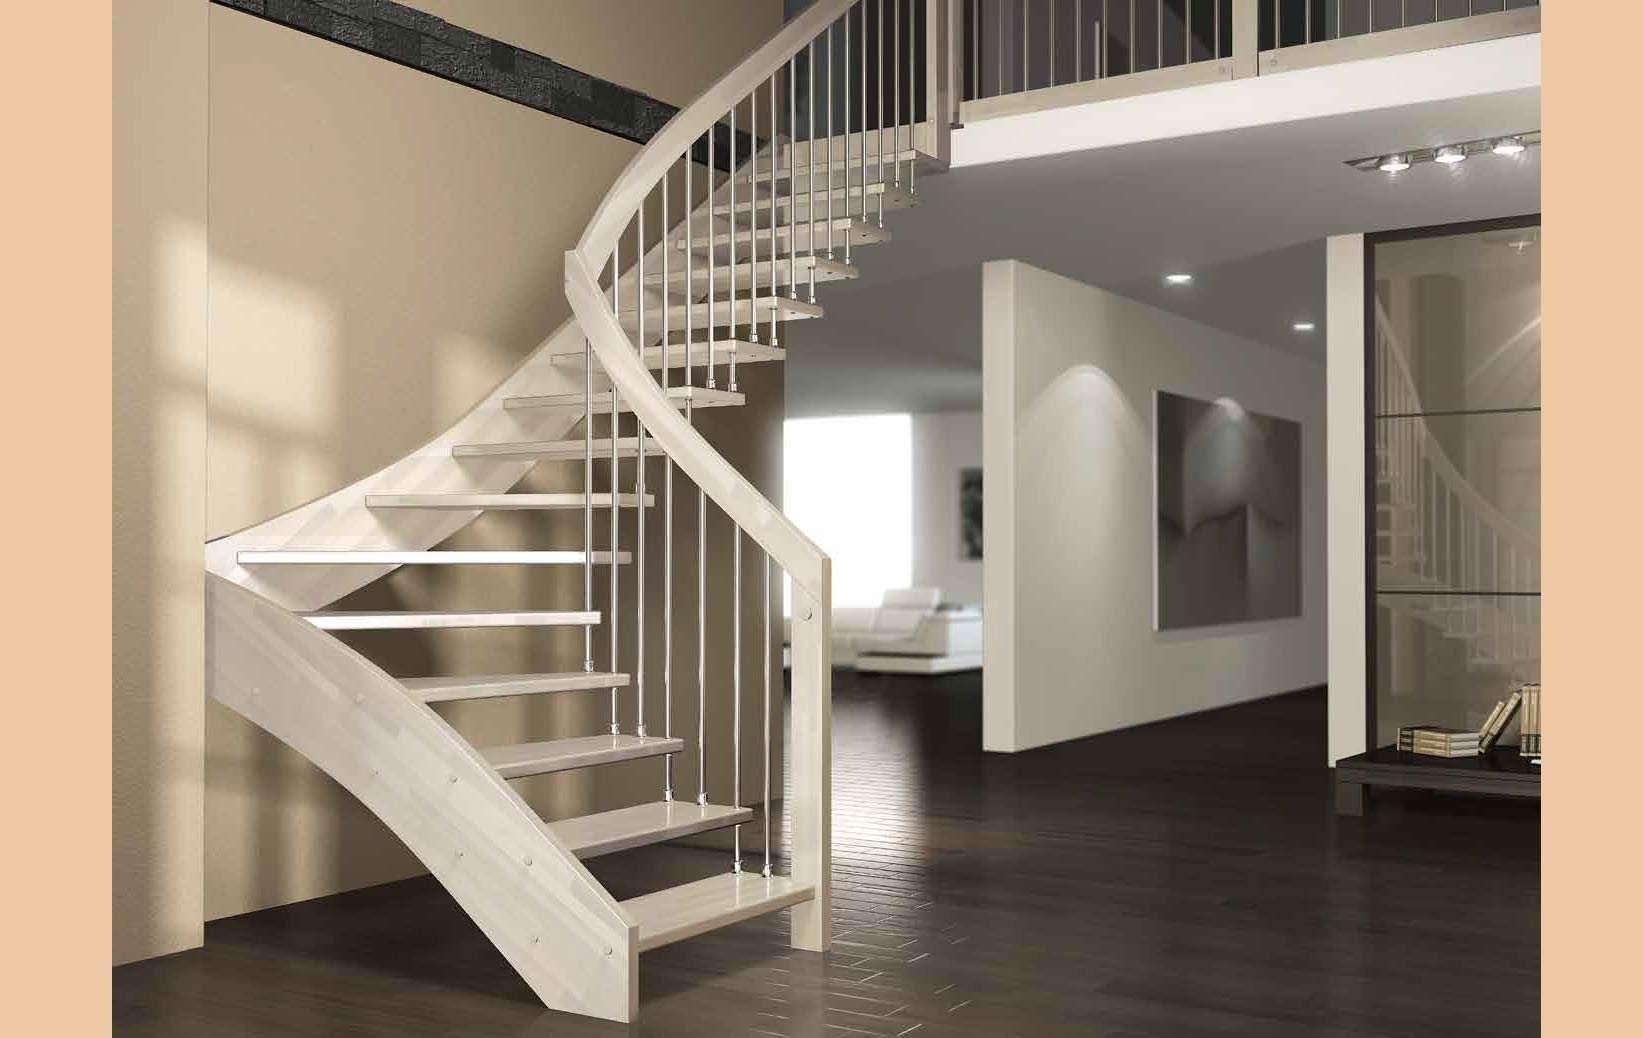 Fly scale interne moderne in legno scegli i modelli - Scale interni design ...